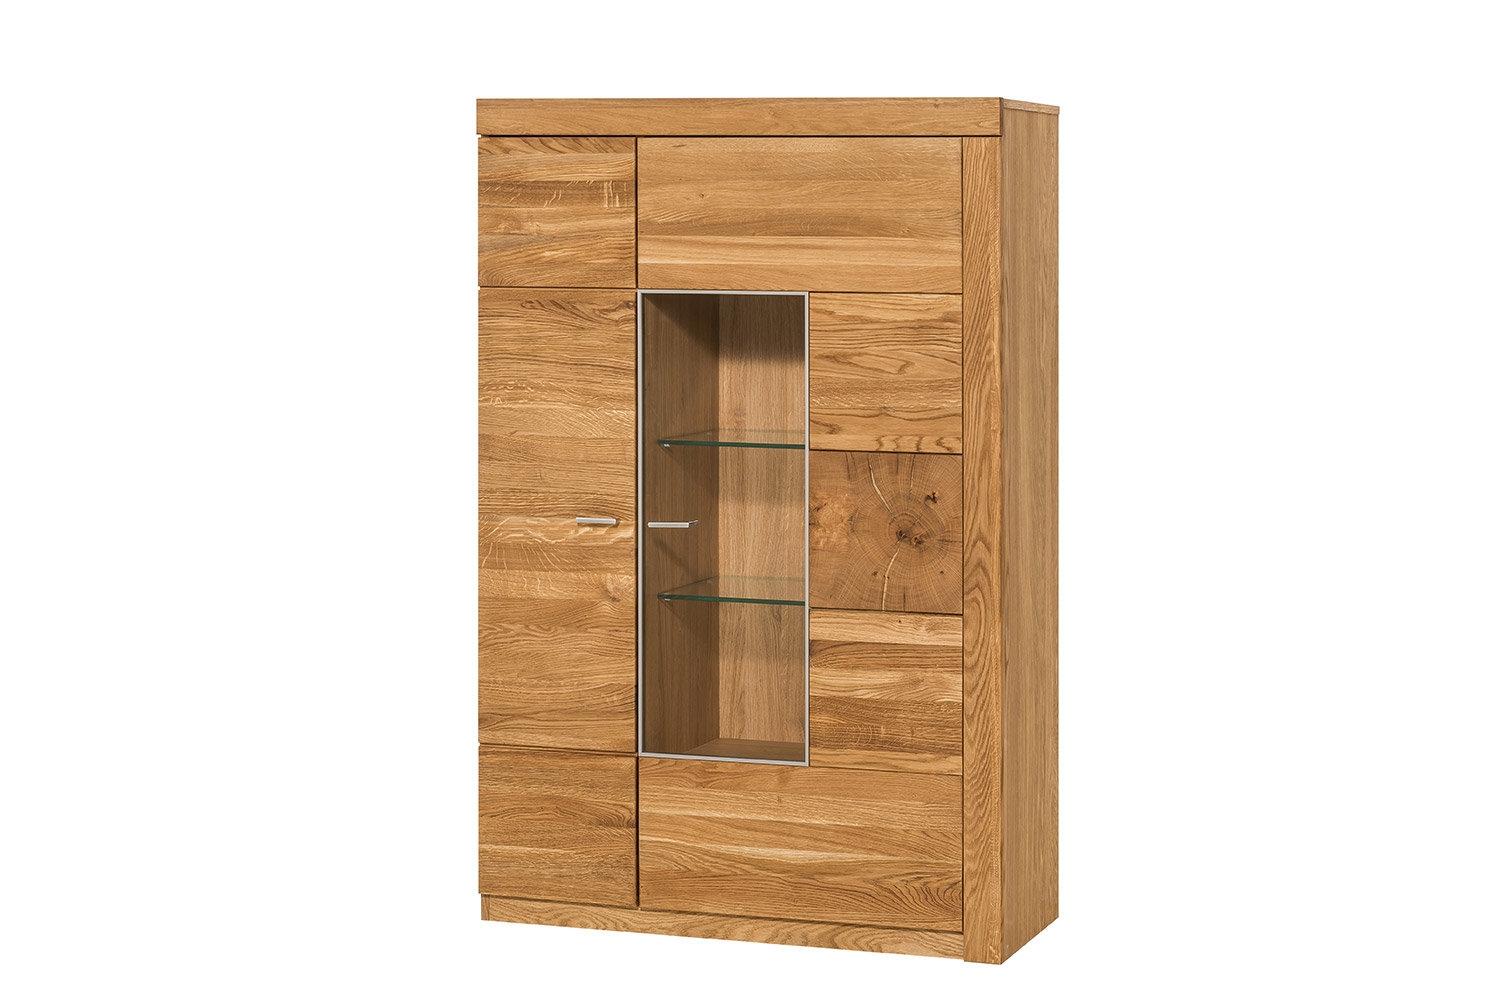 Vitrina din lemn de stejar si furnir, cu 2 usi Small Velle 15 Oak, l95xA42xH147 cm poza